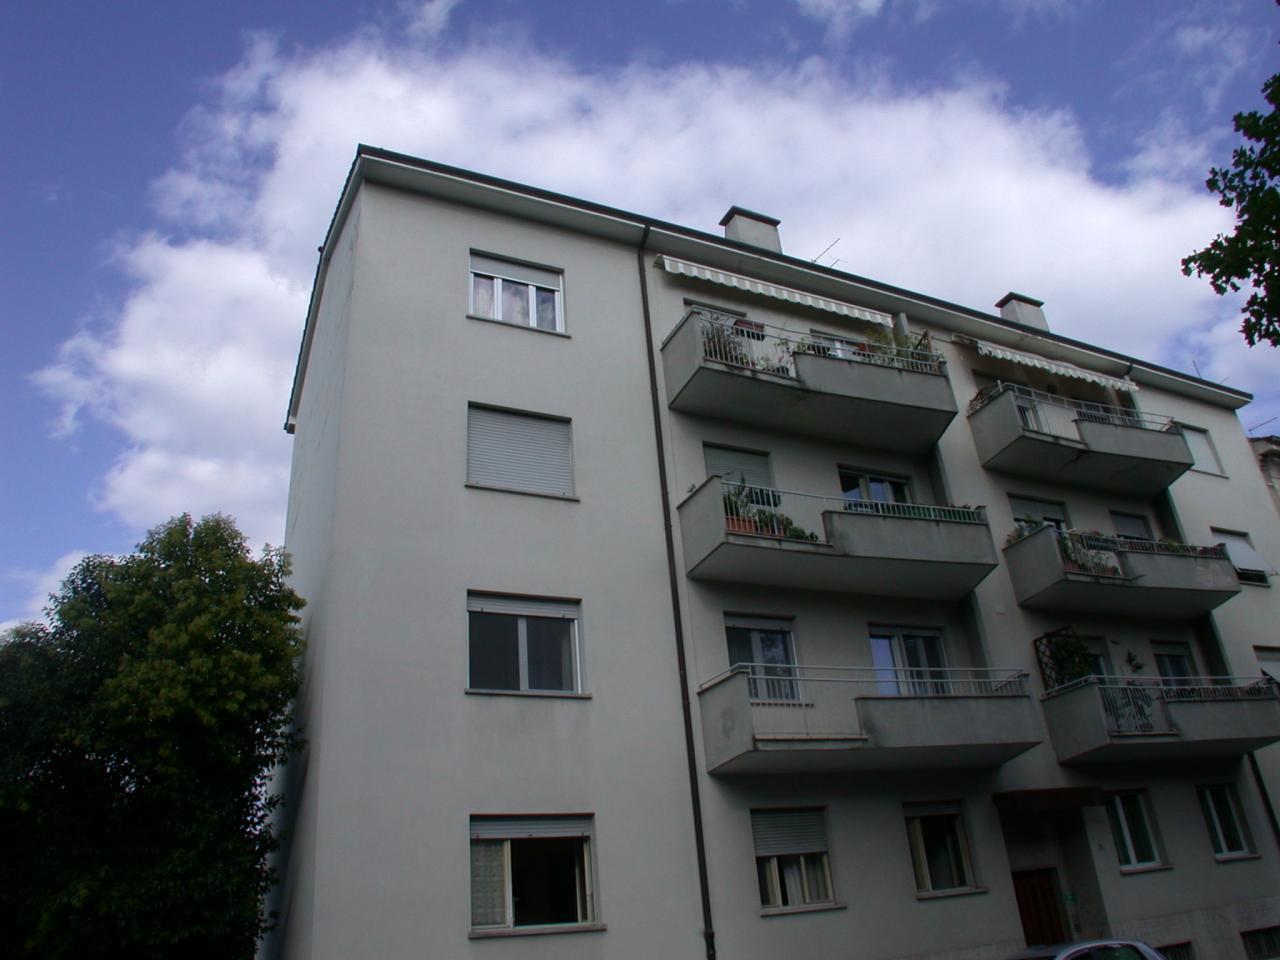 Appartamento in affitto a Gorizia, 6 locali, zona Località: centro, prezzo € 400 | CambioCasa.it